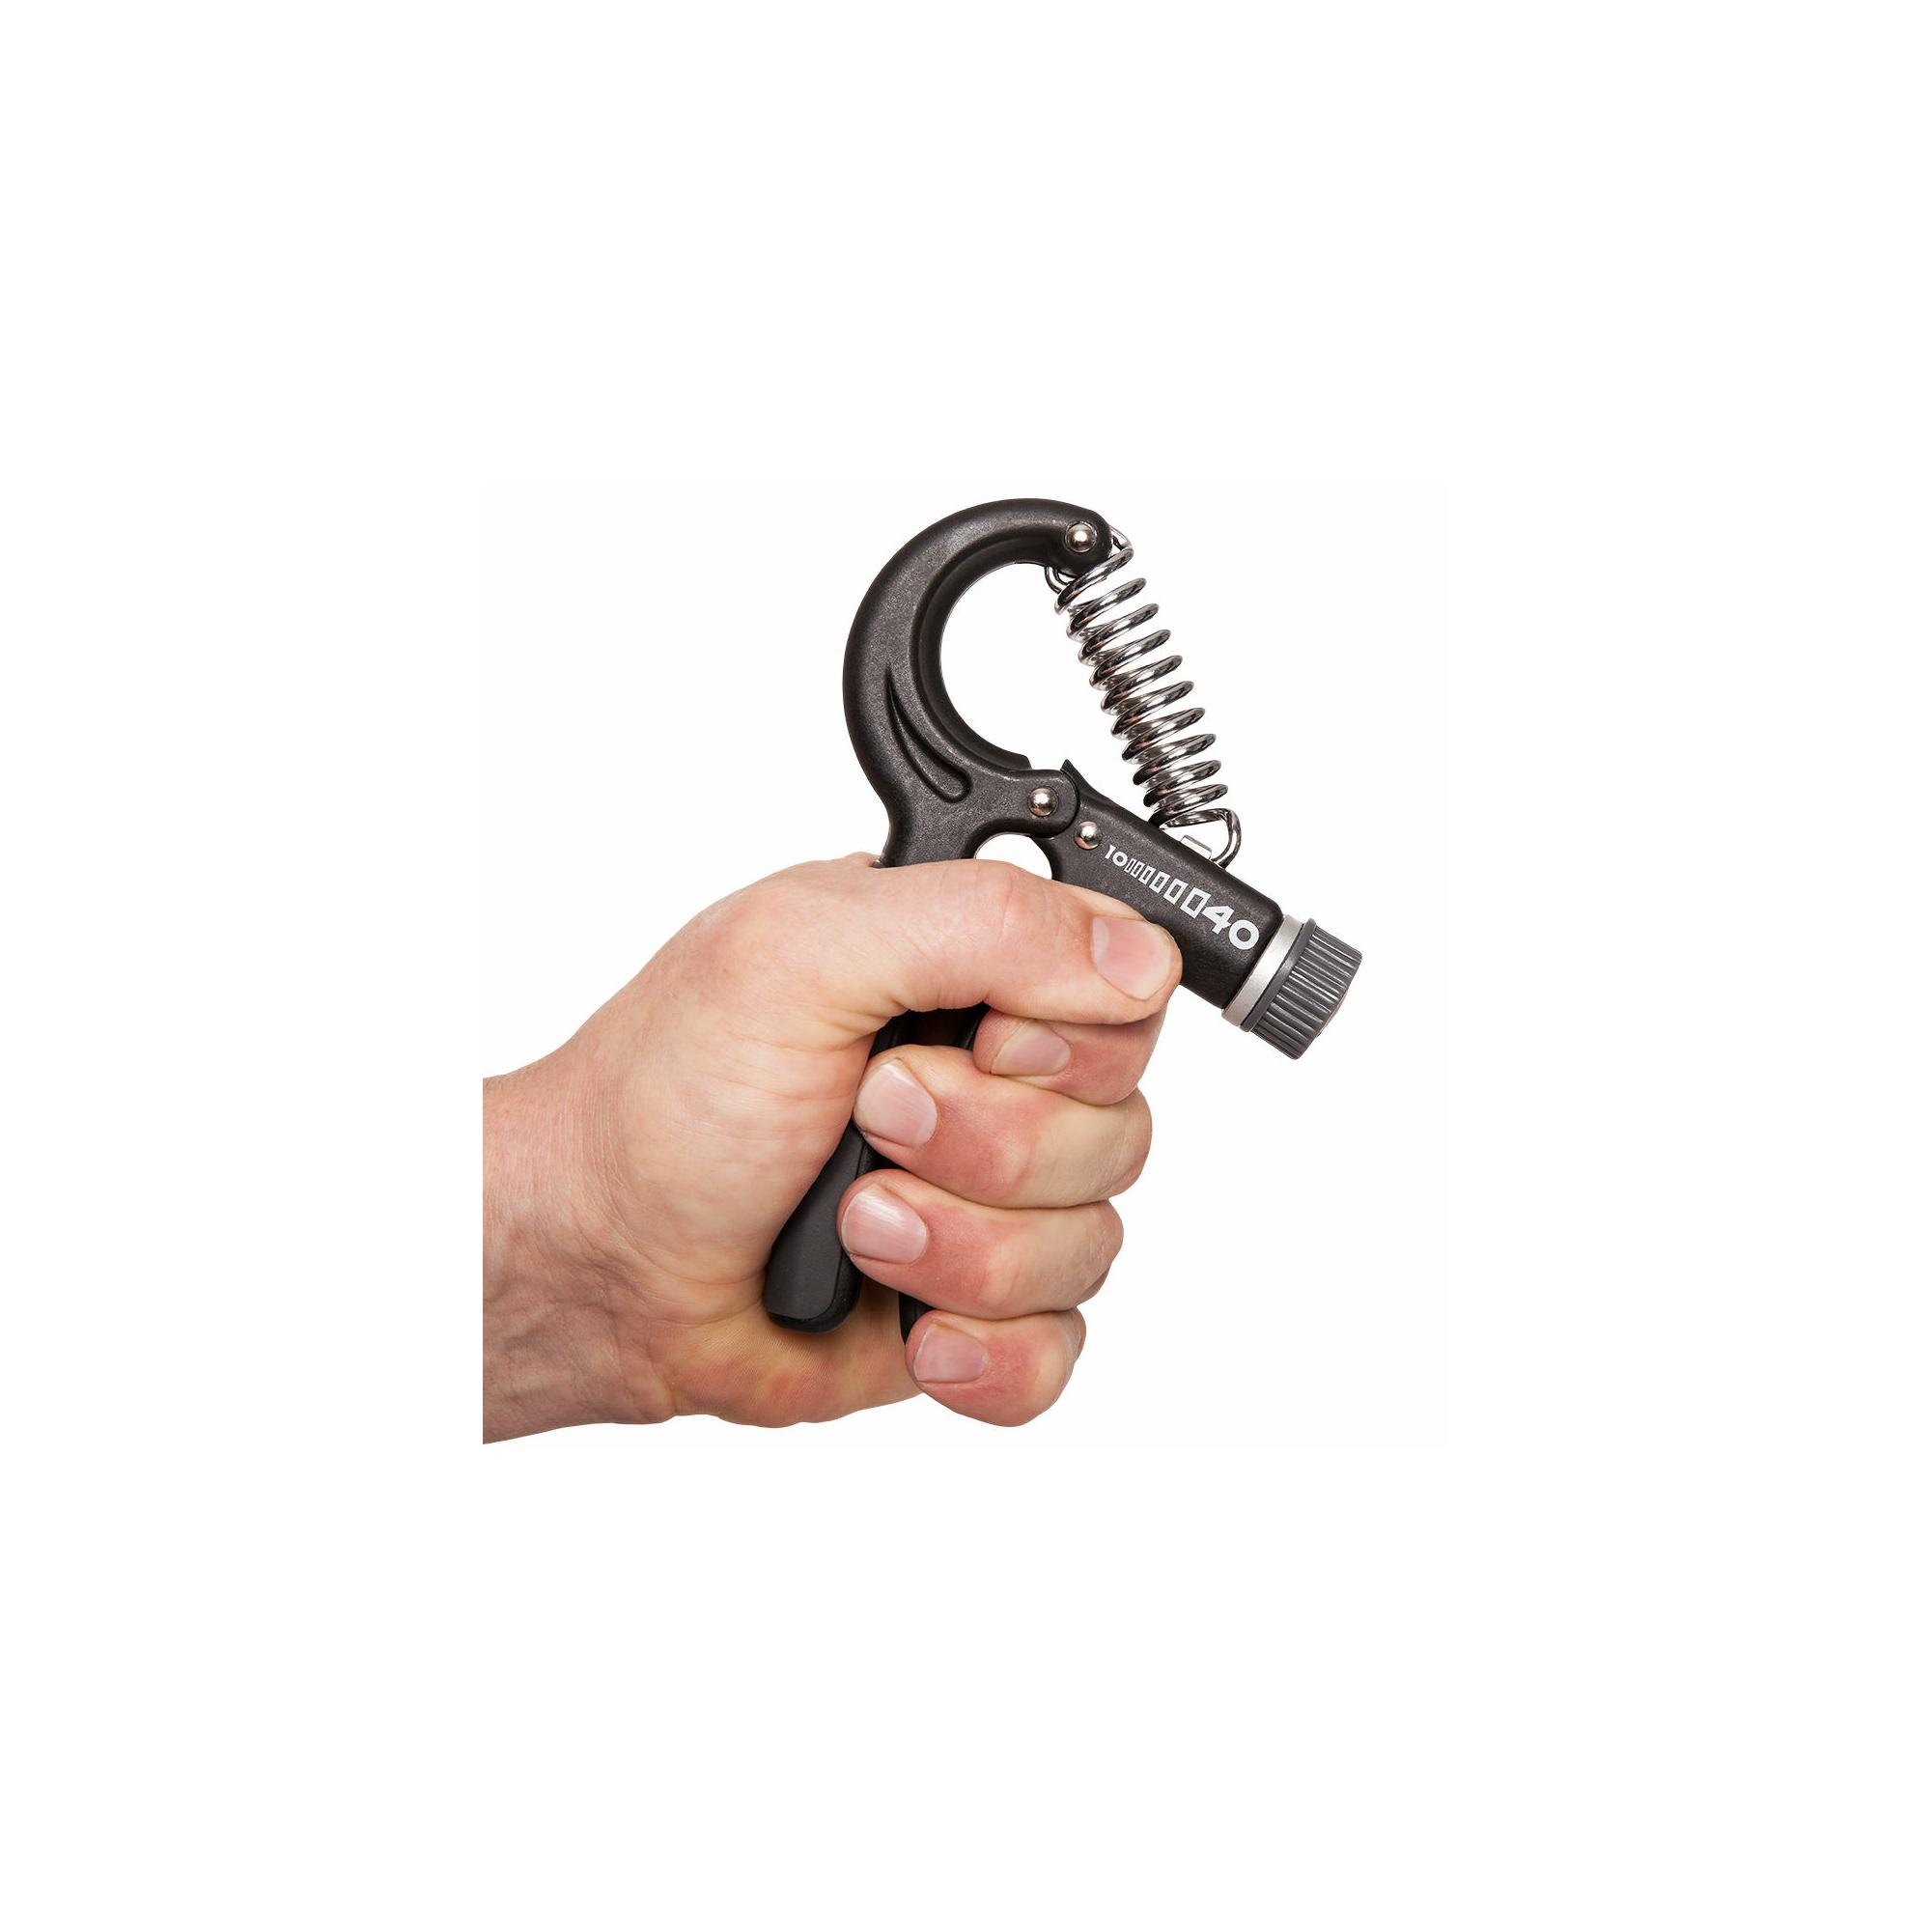 Schwarz Zbkt Grips Classic Delicate 10-40 kg verstellbare Hand Schwerer Greifer Handgelenk Krafttraining